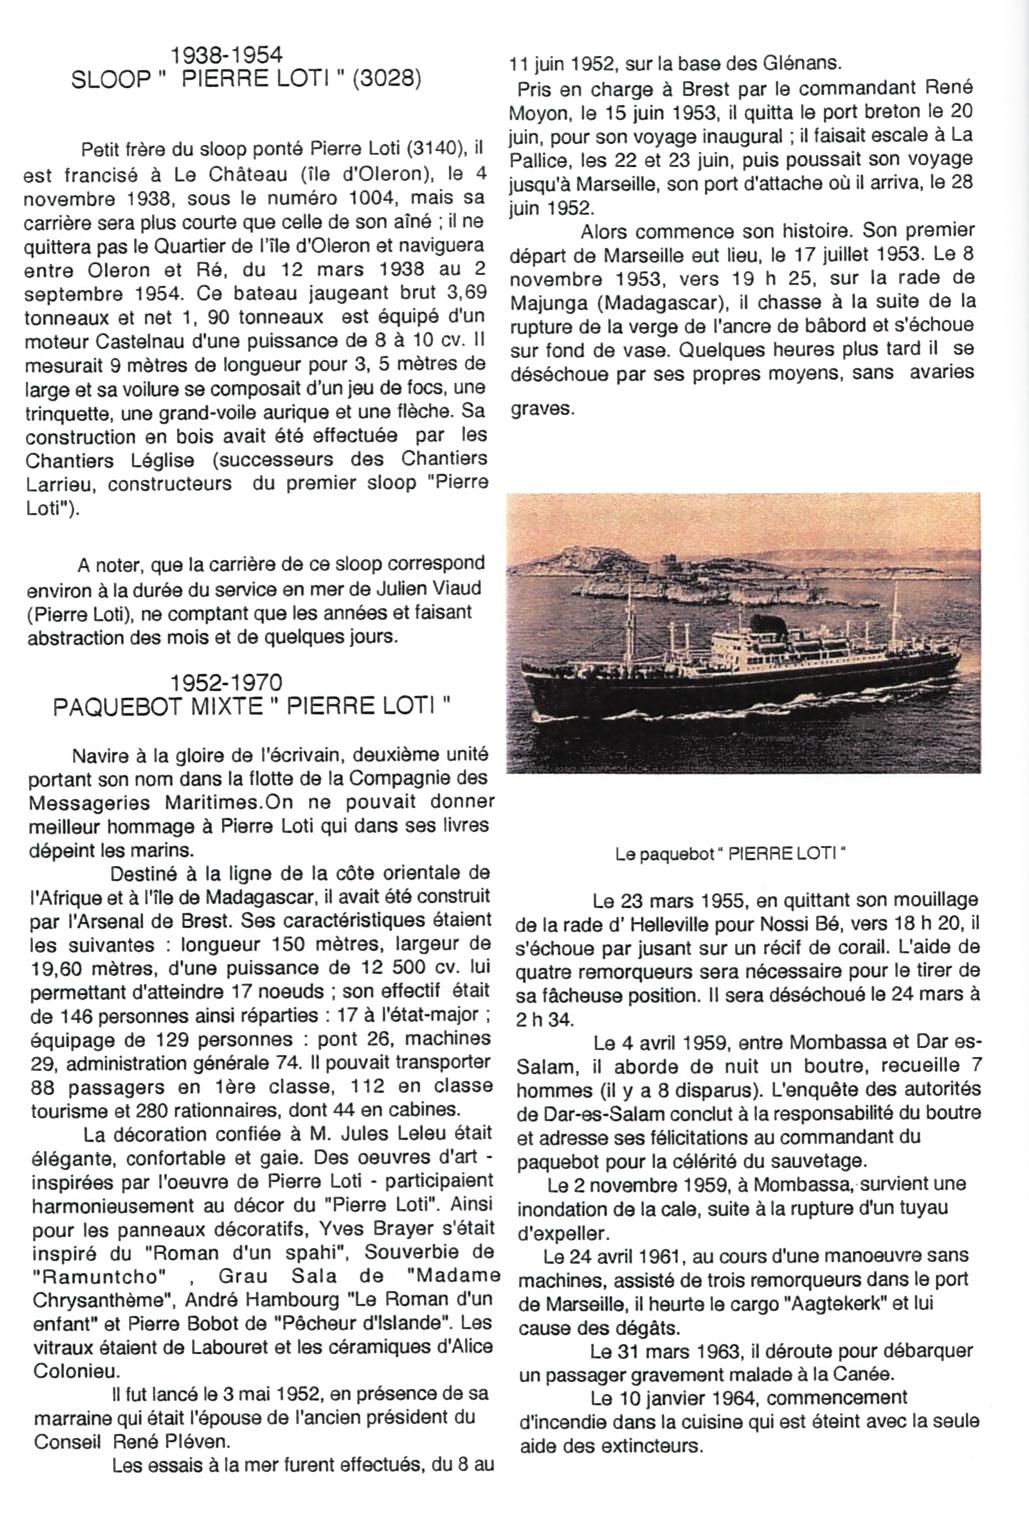 5-Bateaux et canots baptisés Pierre Loti - Jean Nonin